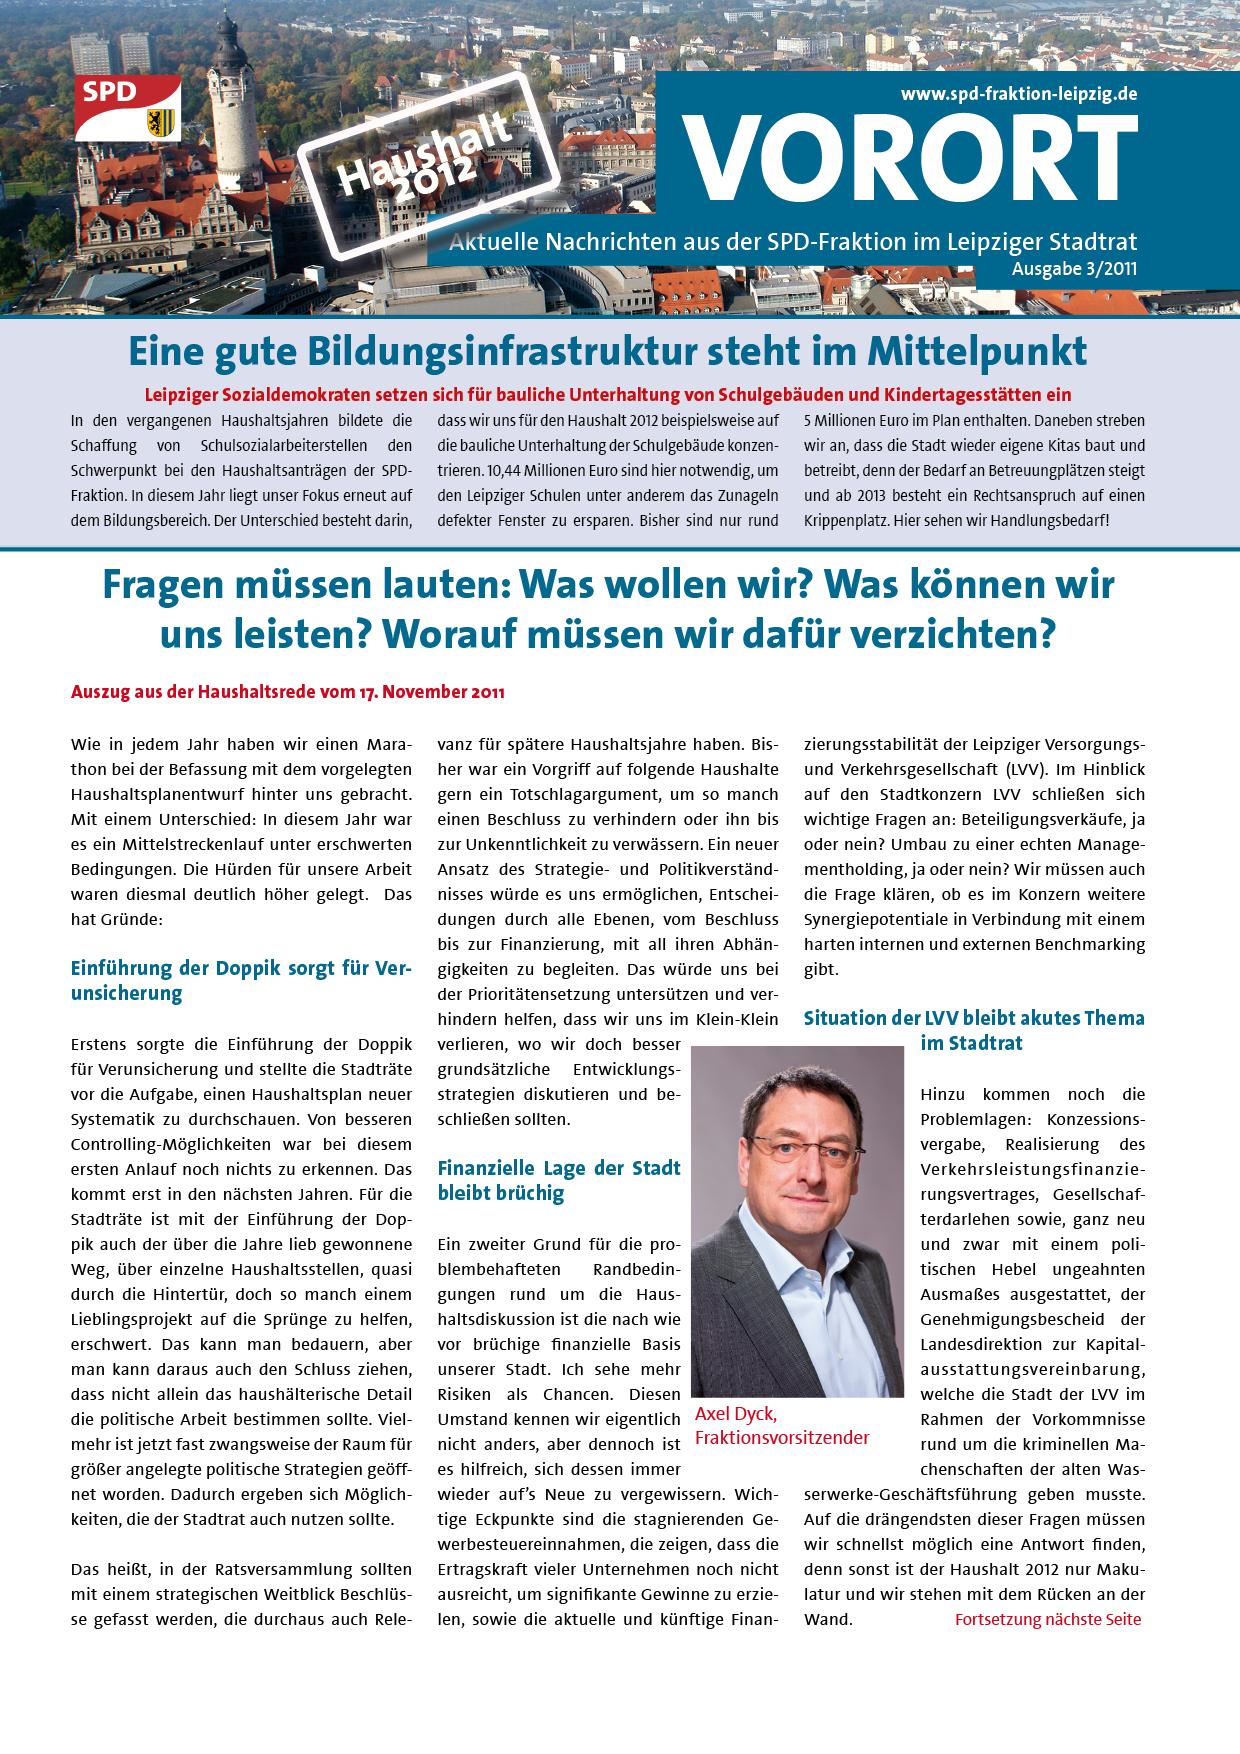 VOR ORT, Ausgabe 3/2011